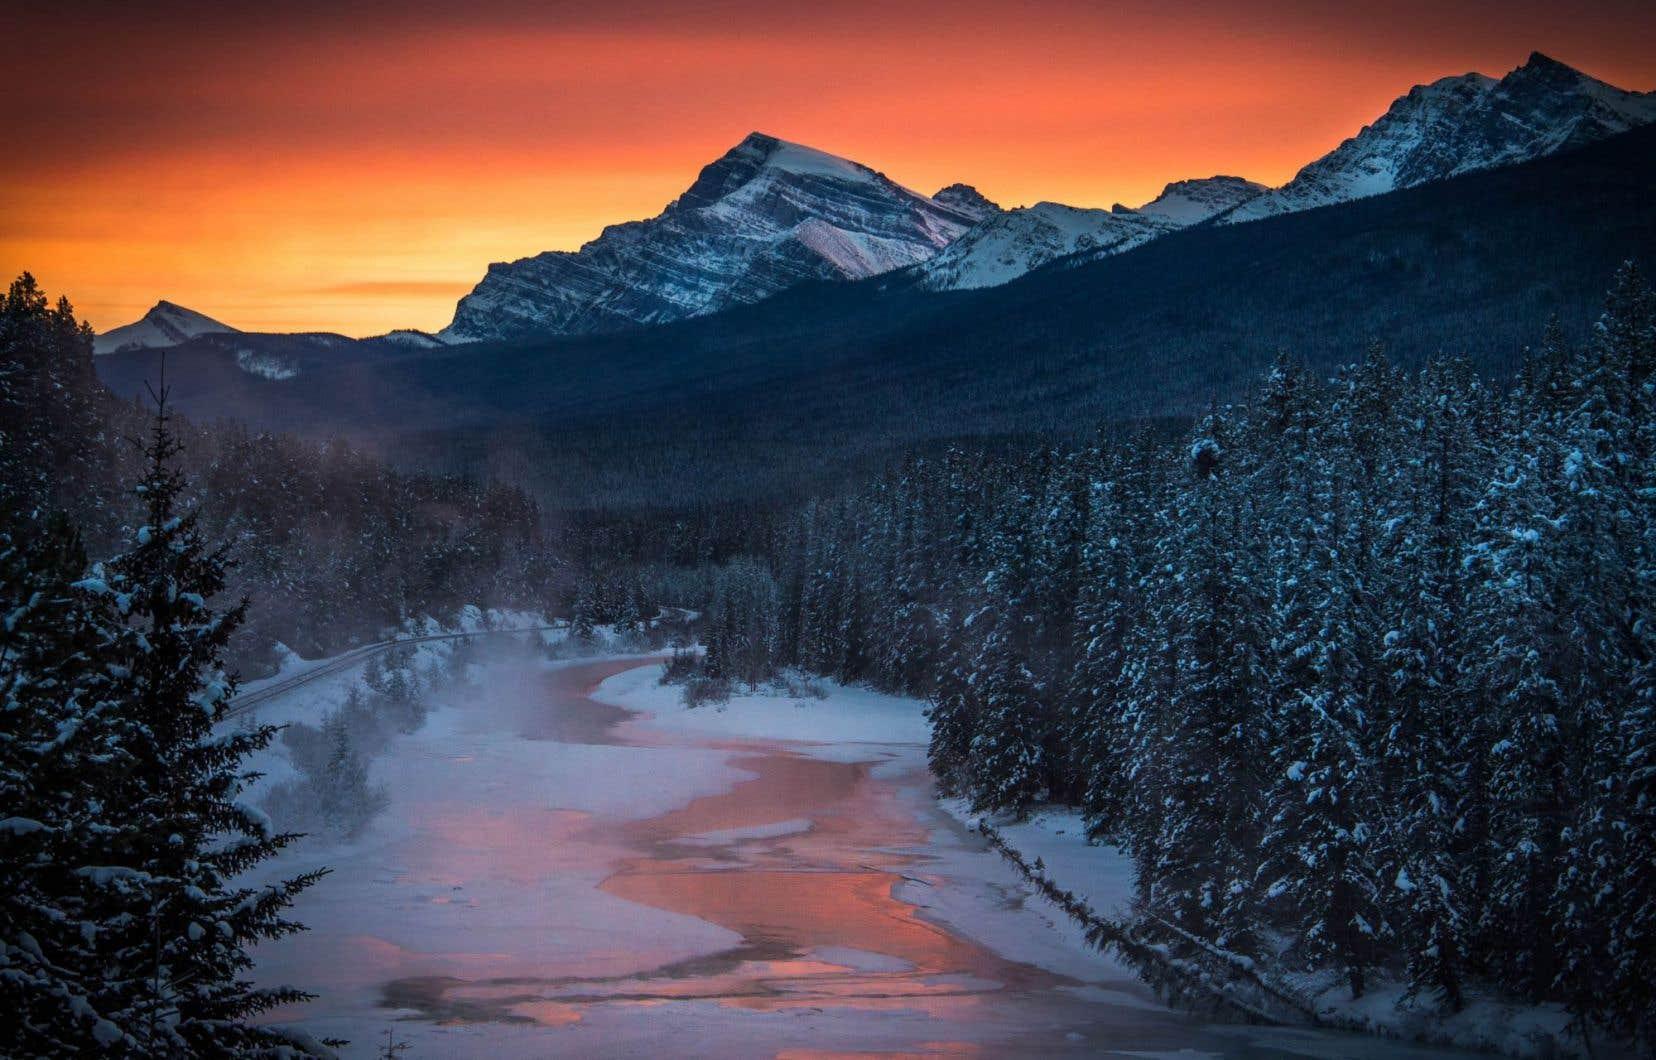 Au parc national de Banff, en Alberta, la rivière Bow luit au crépuscule. Pour son projet, David Suzuki a fait une tournée canadienne.